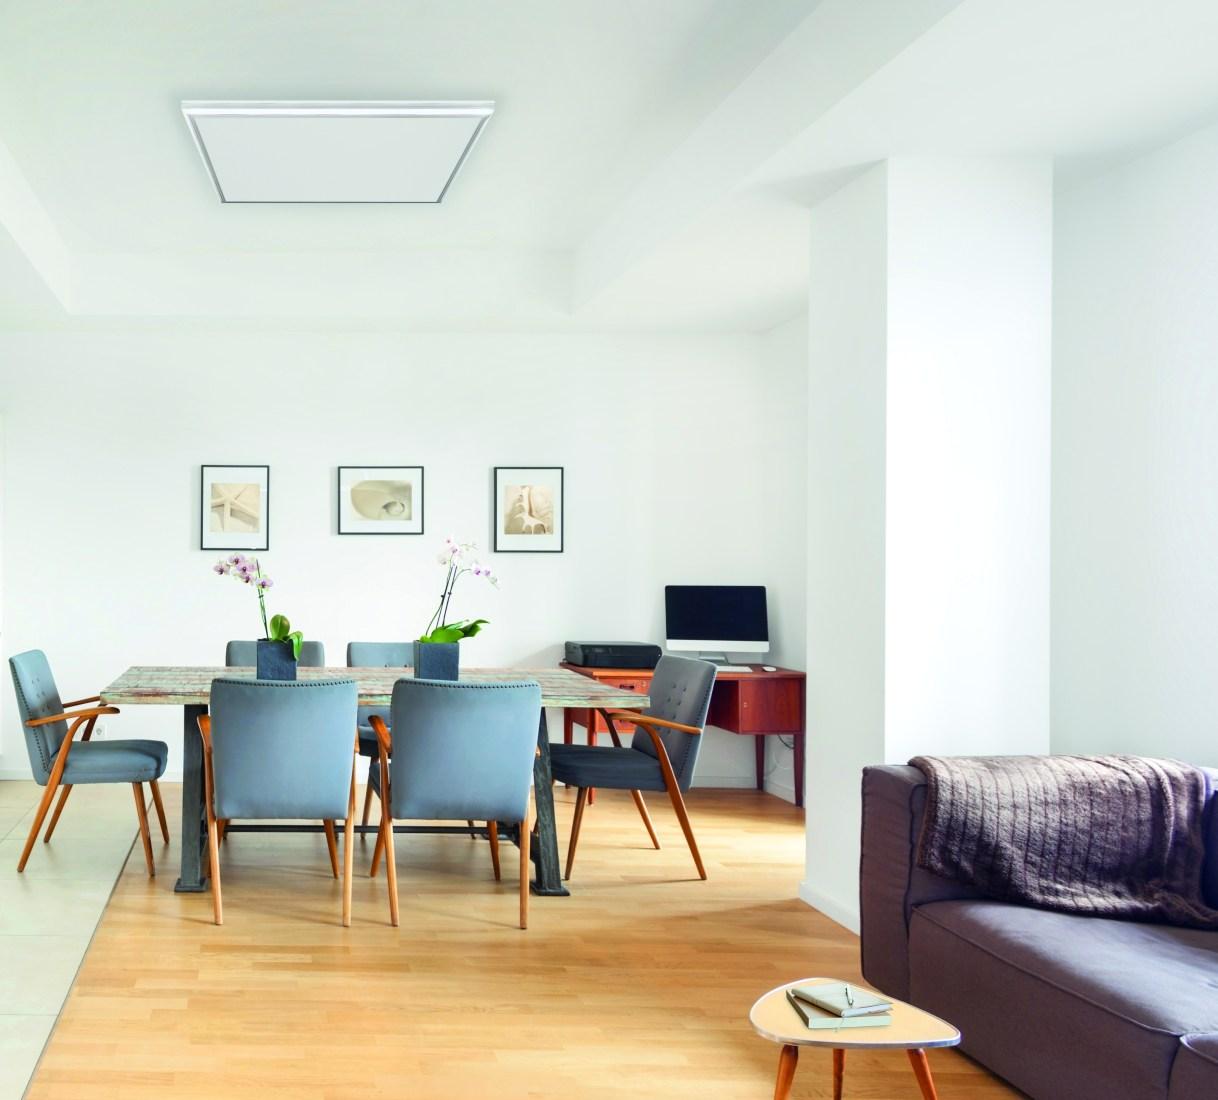 Jetzt als Aktionsset: Infrarotpaneel und LED-Lichtrahmen (Bild: easyTherm/iStockphoto)